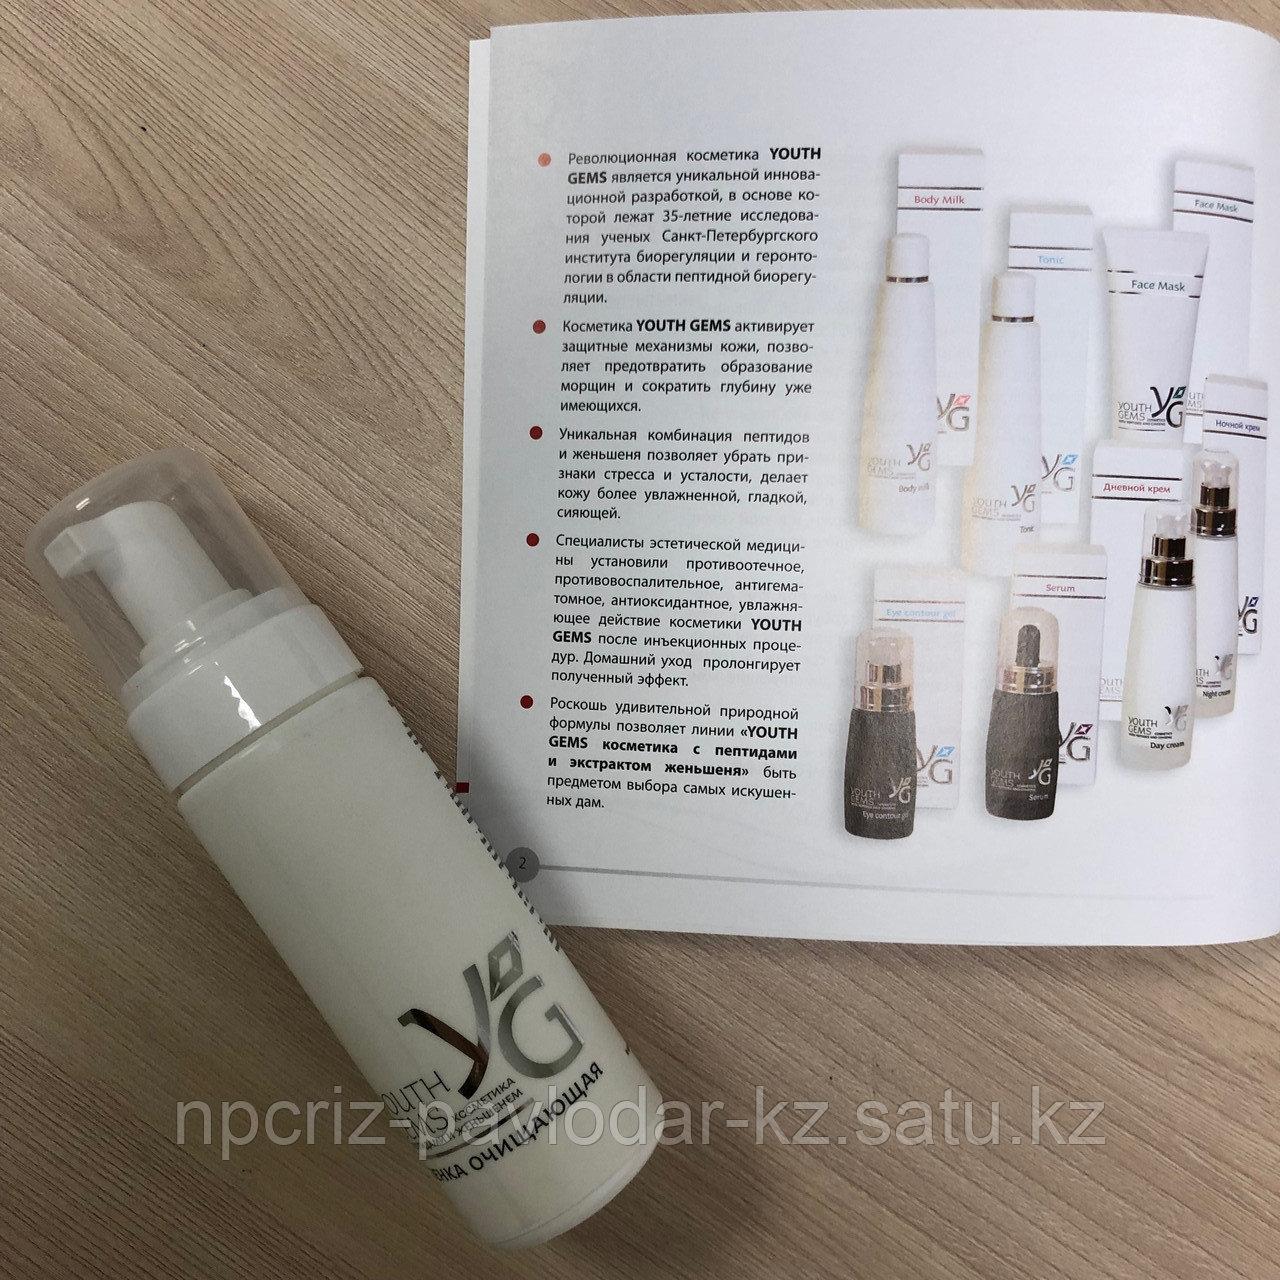 Пенка Очищающая Youth Gems с пептидами Хавинсона и экстрактом женьшеня 160 мл